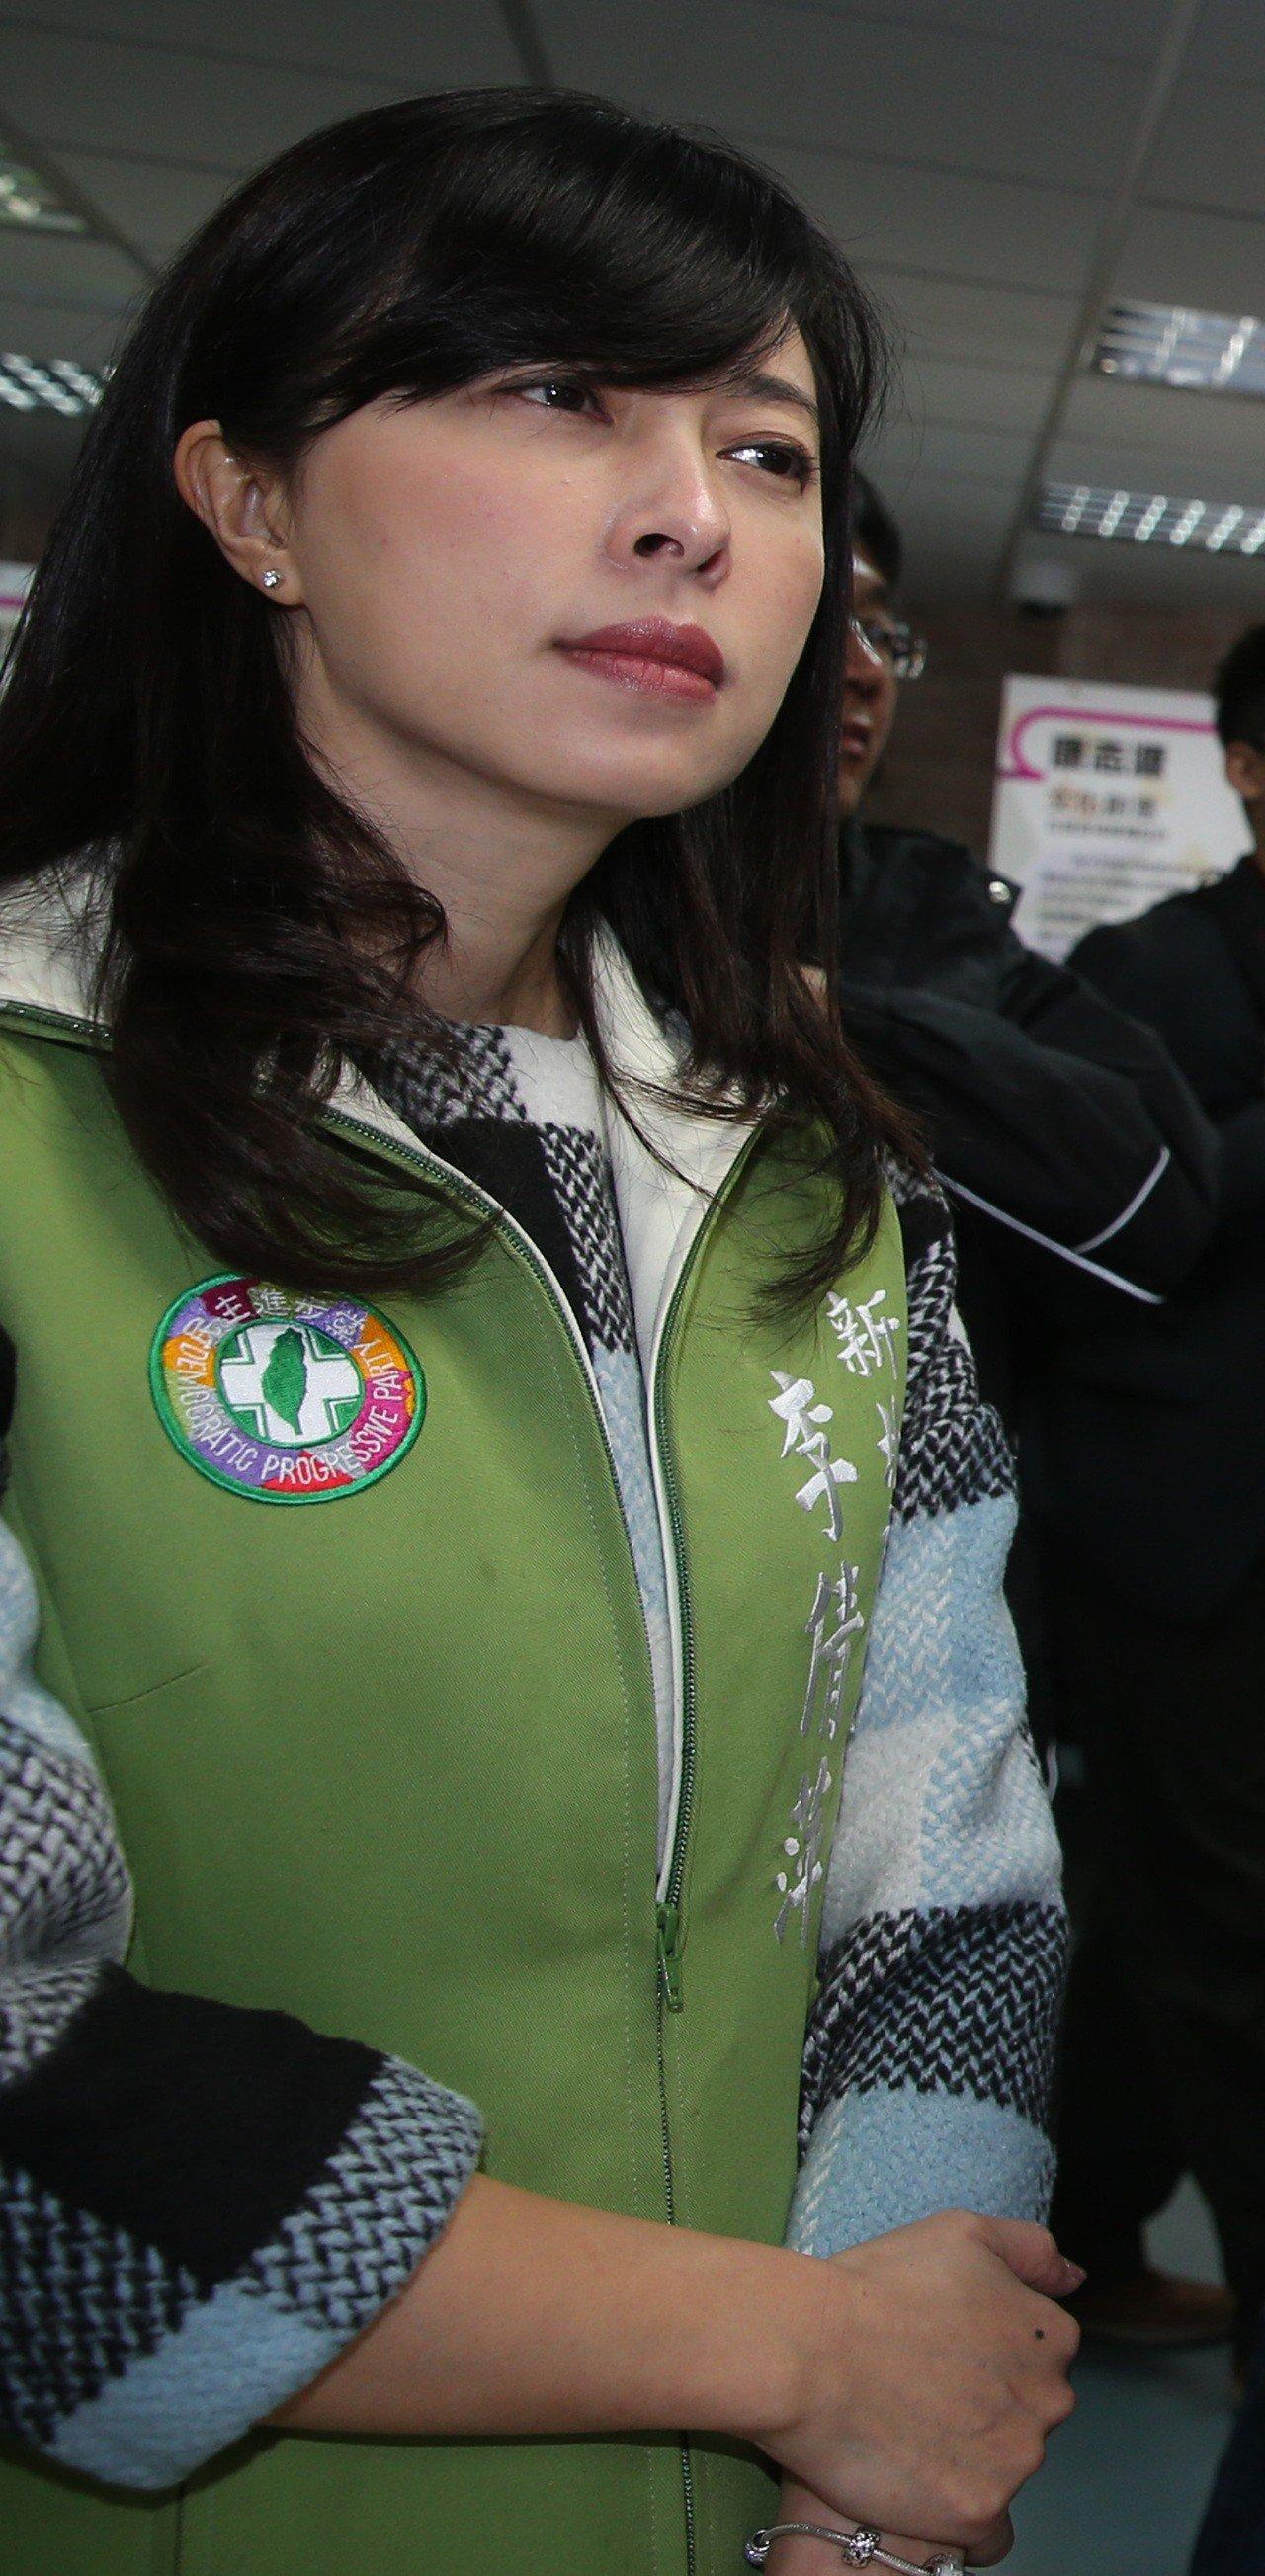 新北市議員李倩萍。本報資料照片/記者陳易辰攝影